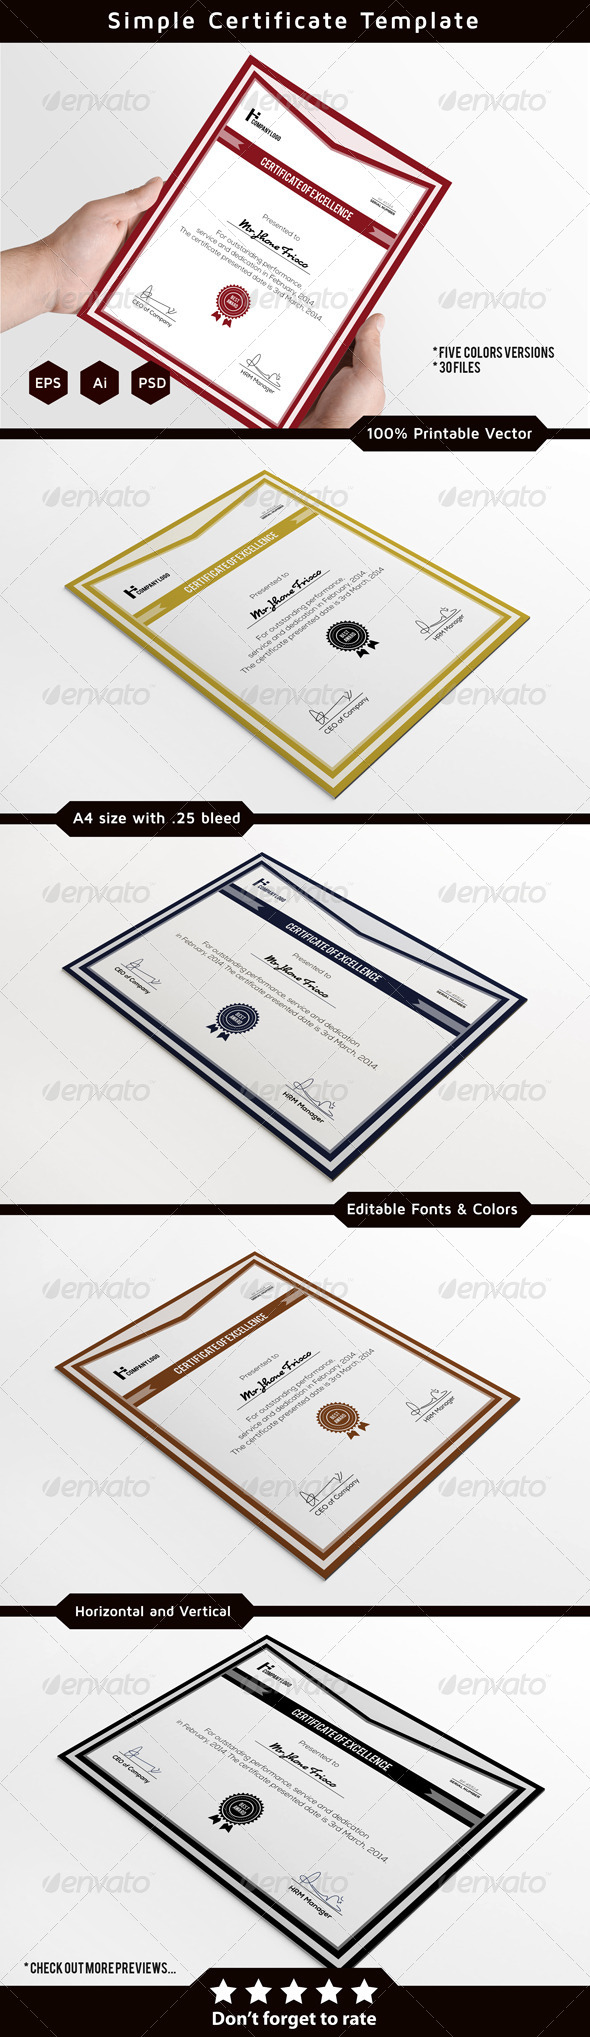 GraphicRiver Corporate Certificate Template 7336207